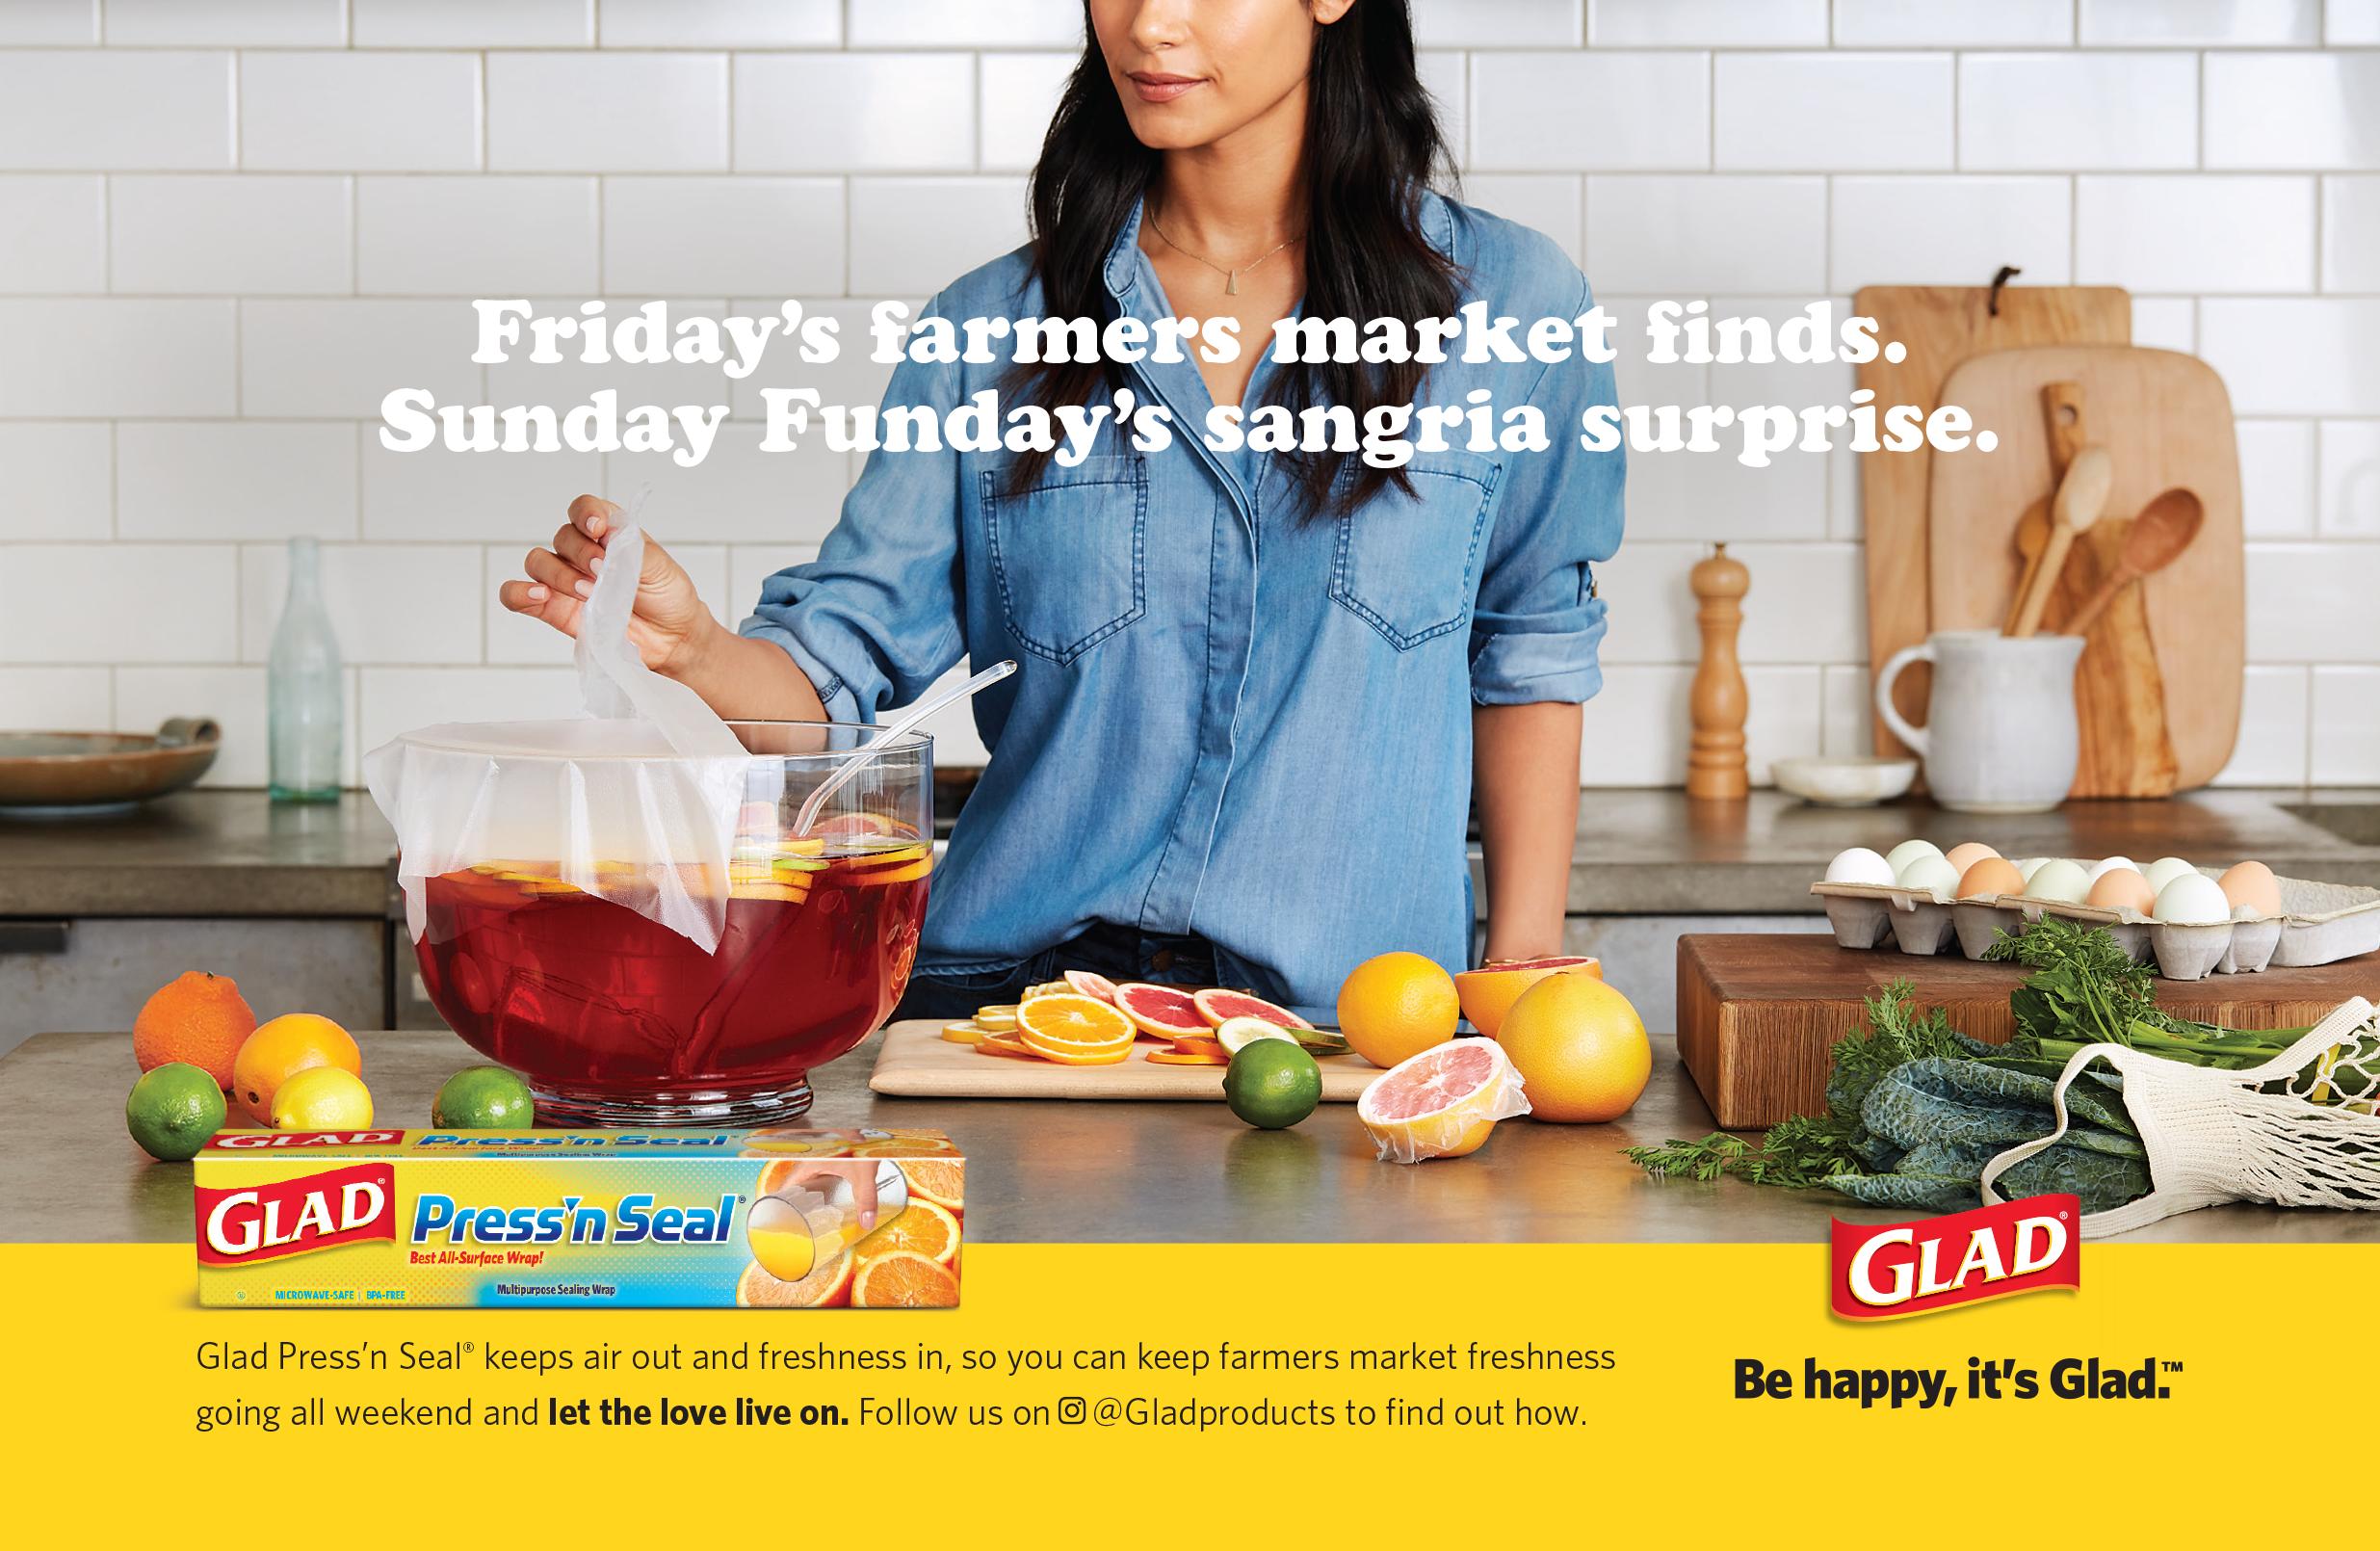 Glad_PnS_Market